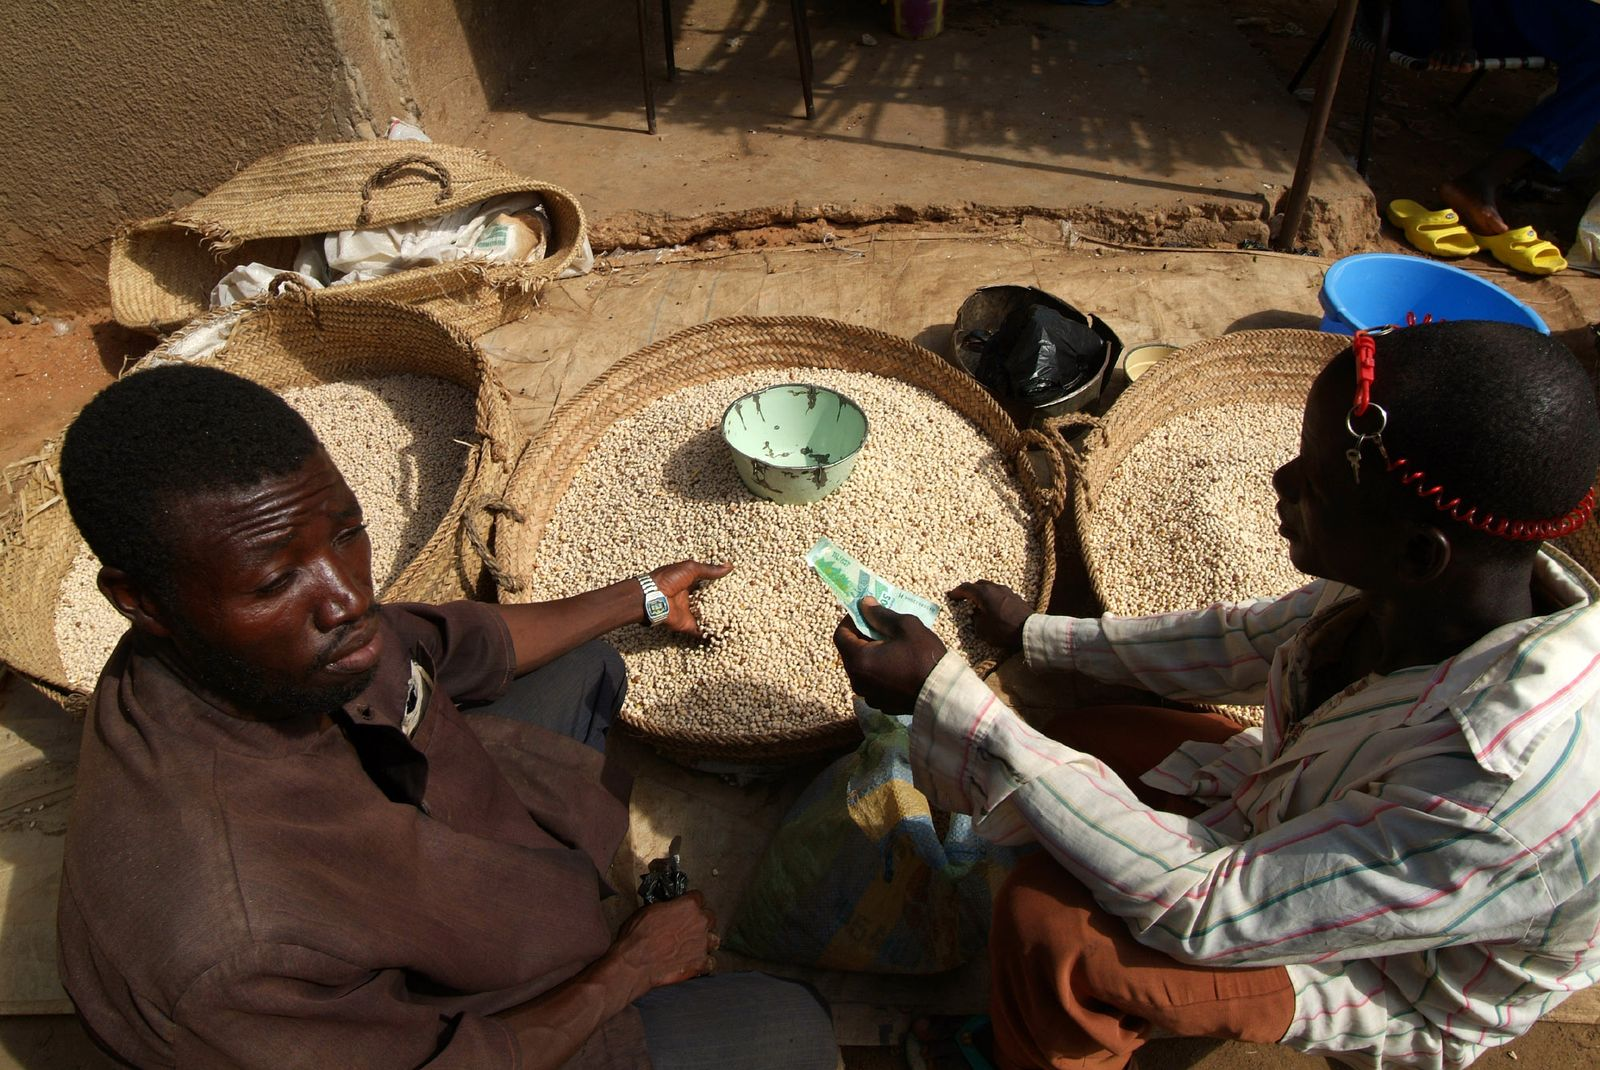 NICHT MEHR VERWENDEN! - Entwicklungshilfe / Sahelzone / Hunger / Nigeria